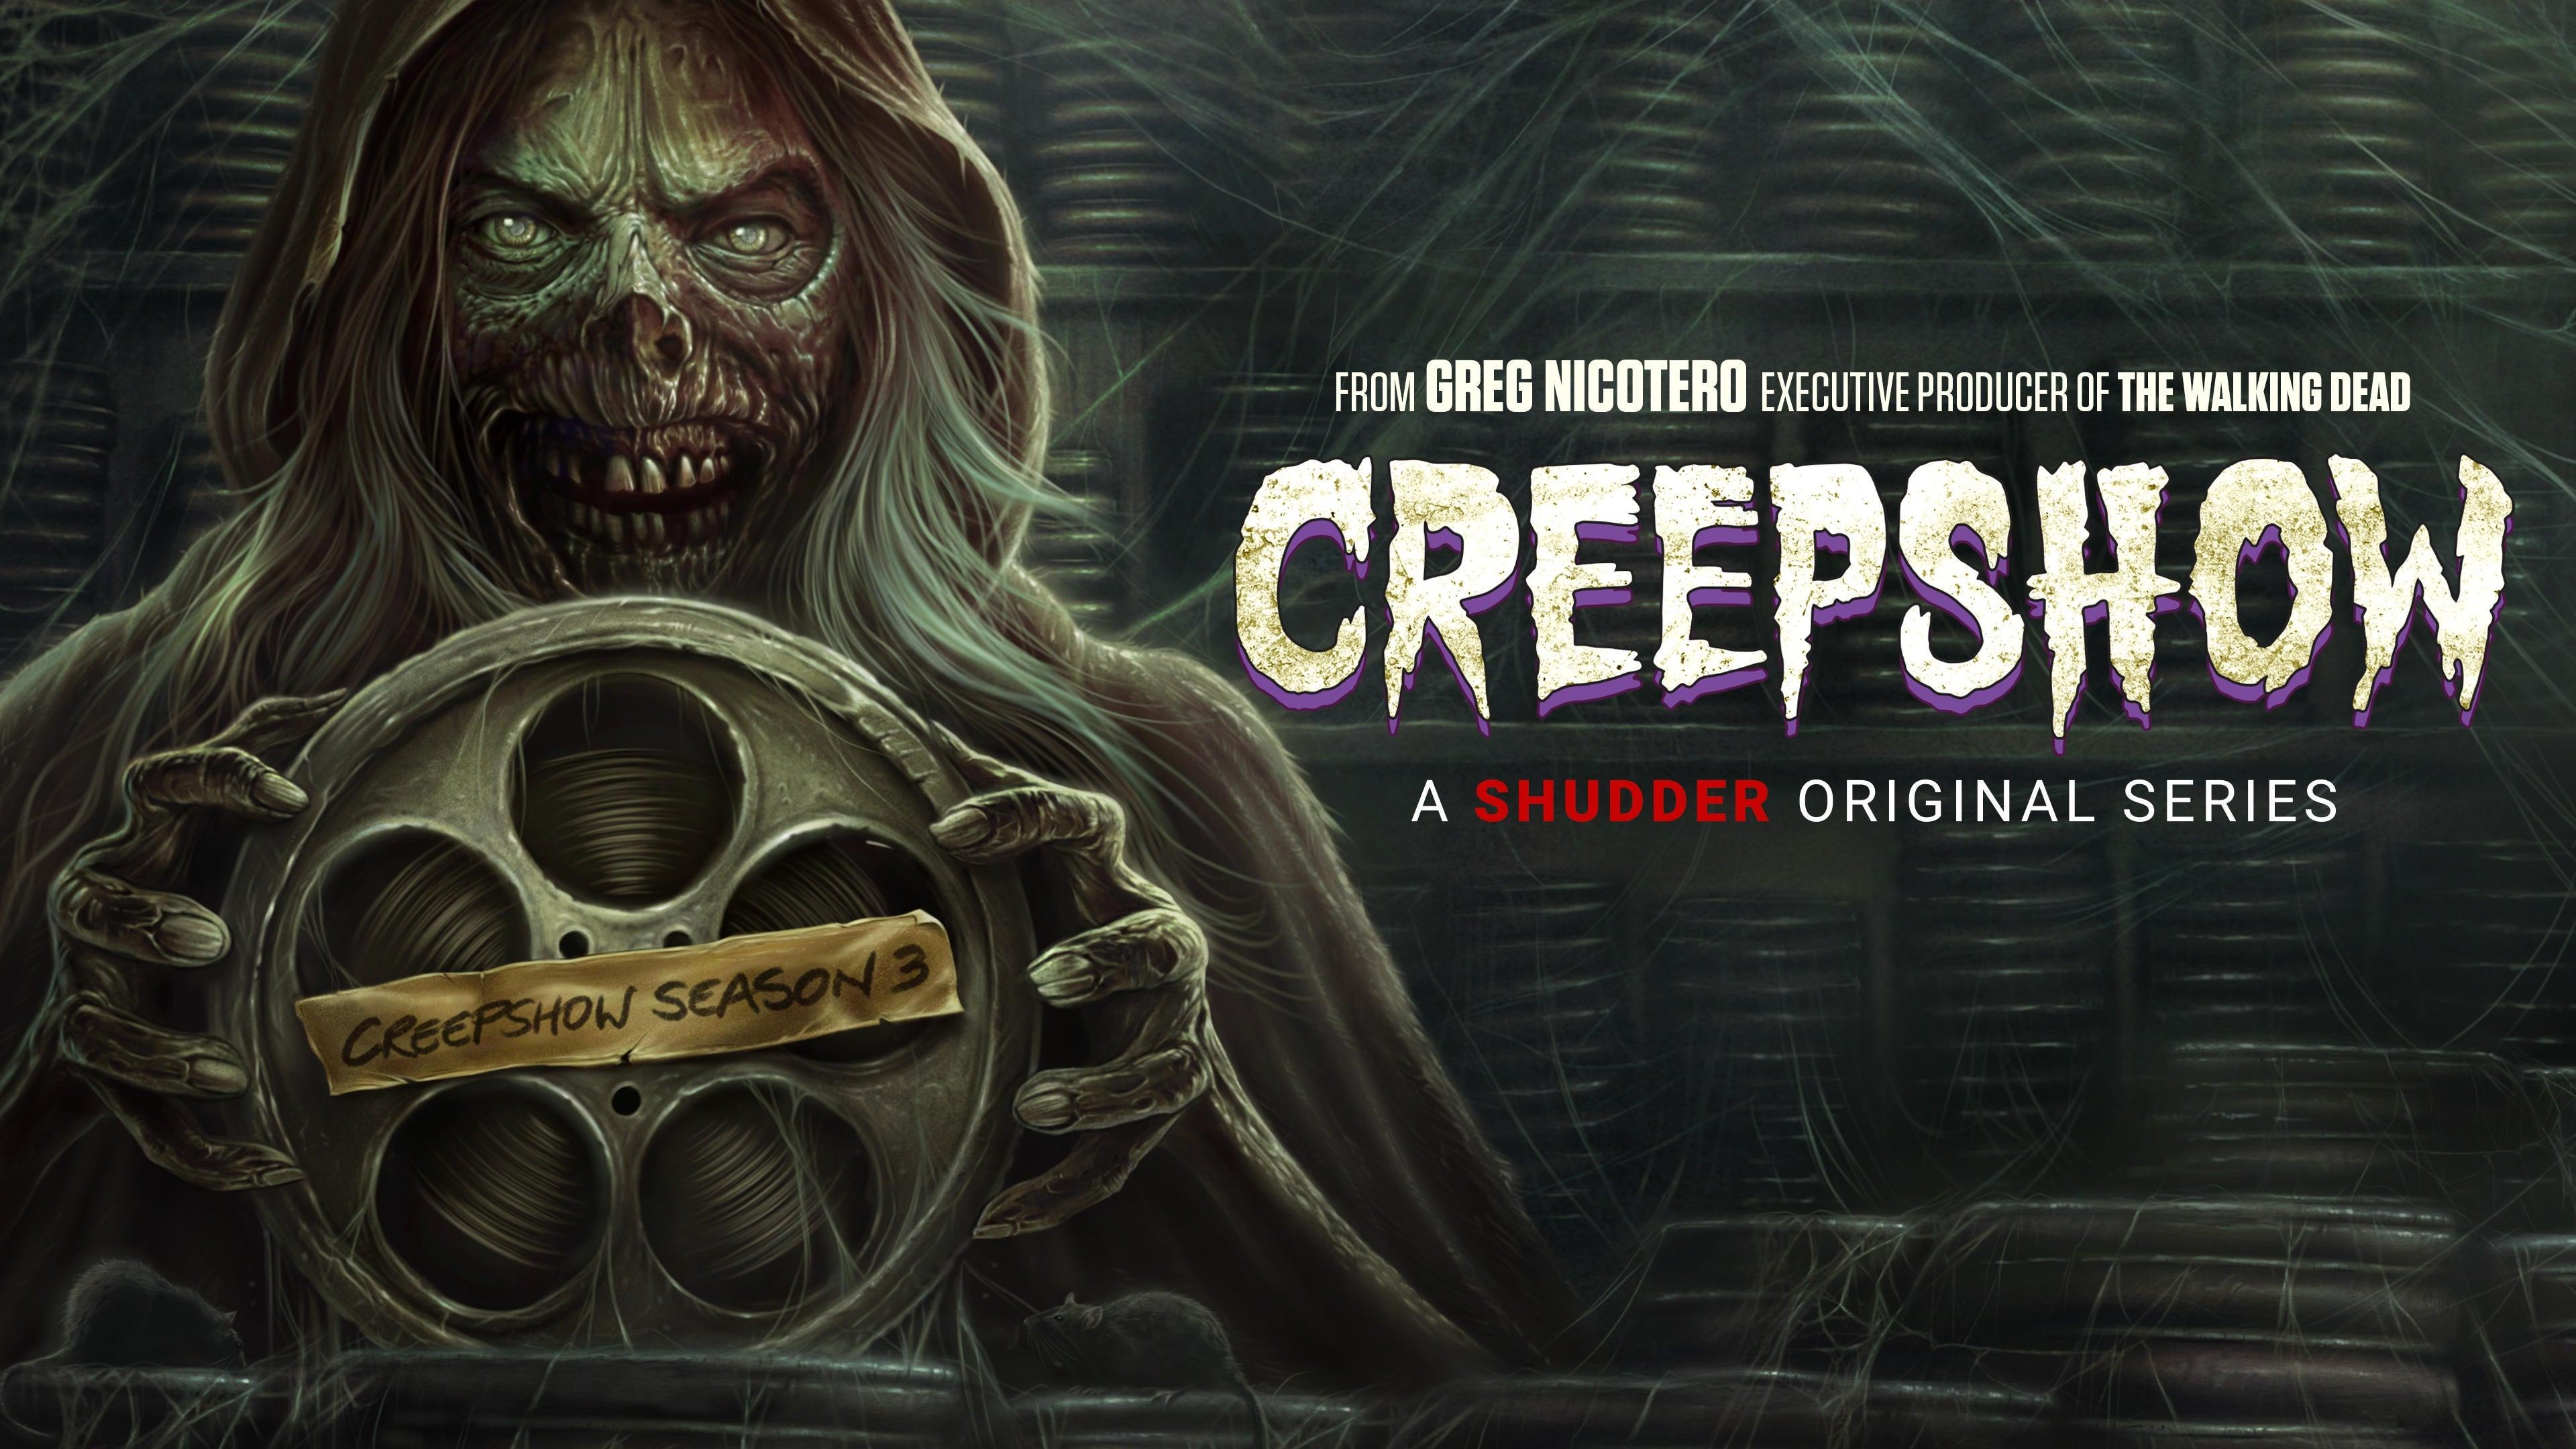 Shudder's Creepshow Season 3 Official Trailer